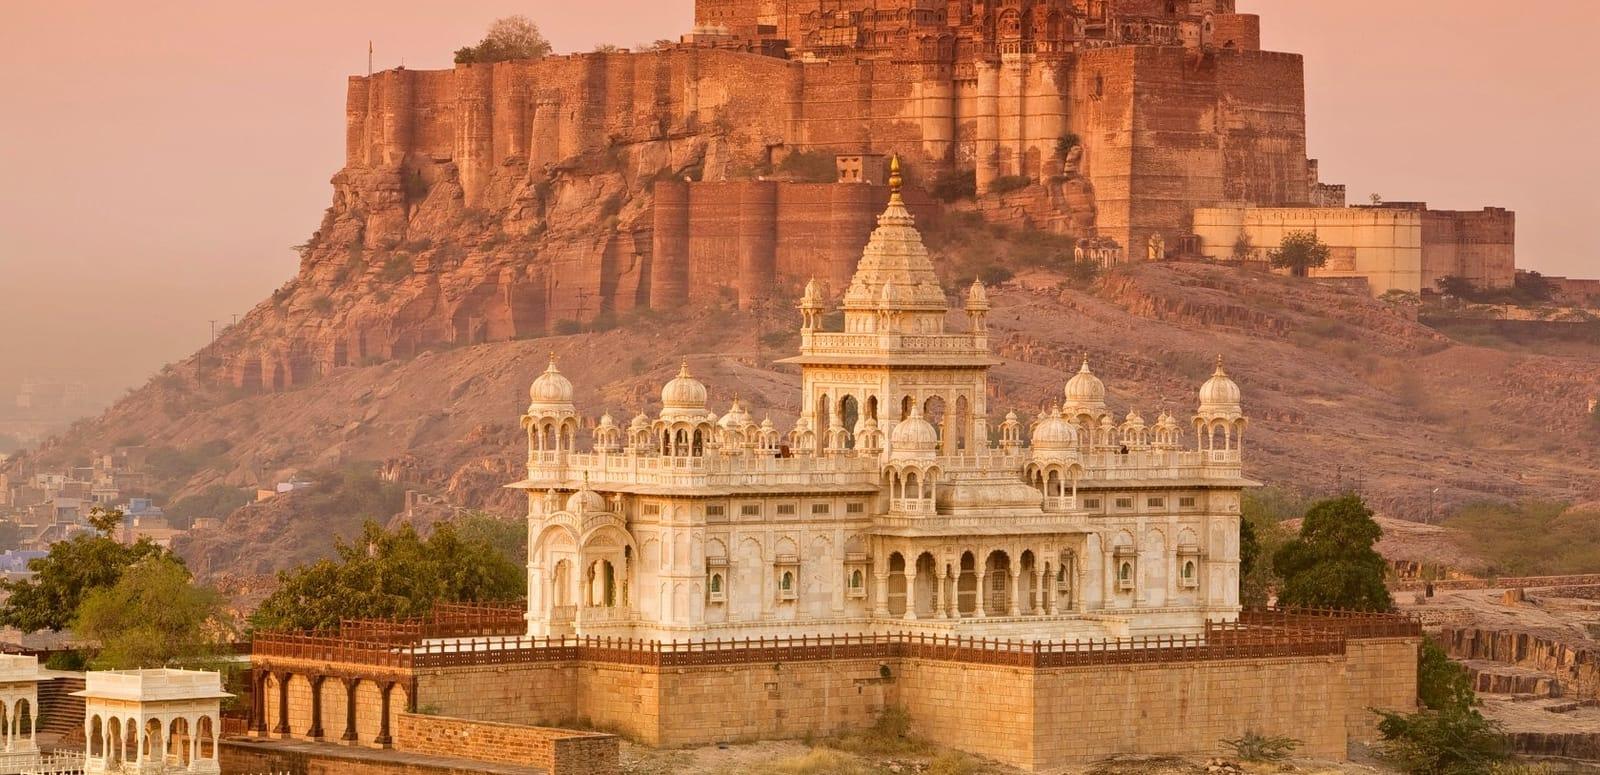 9f81ebf7ca76 36 Jodhpur Tour Packages · 14 Places To Stay In Jodhpur · 5 Rentals.  1471702636 jodhpur.jpg